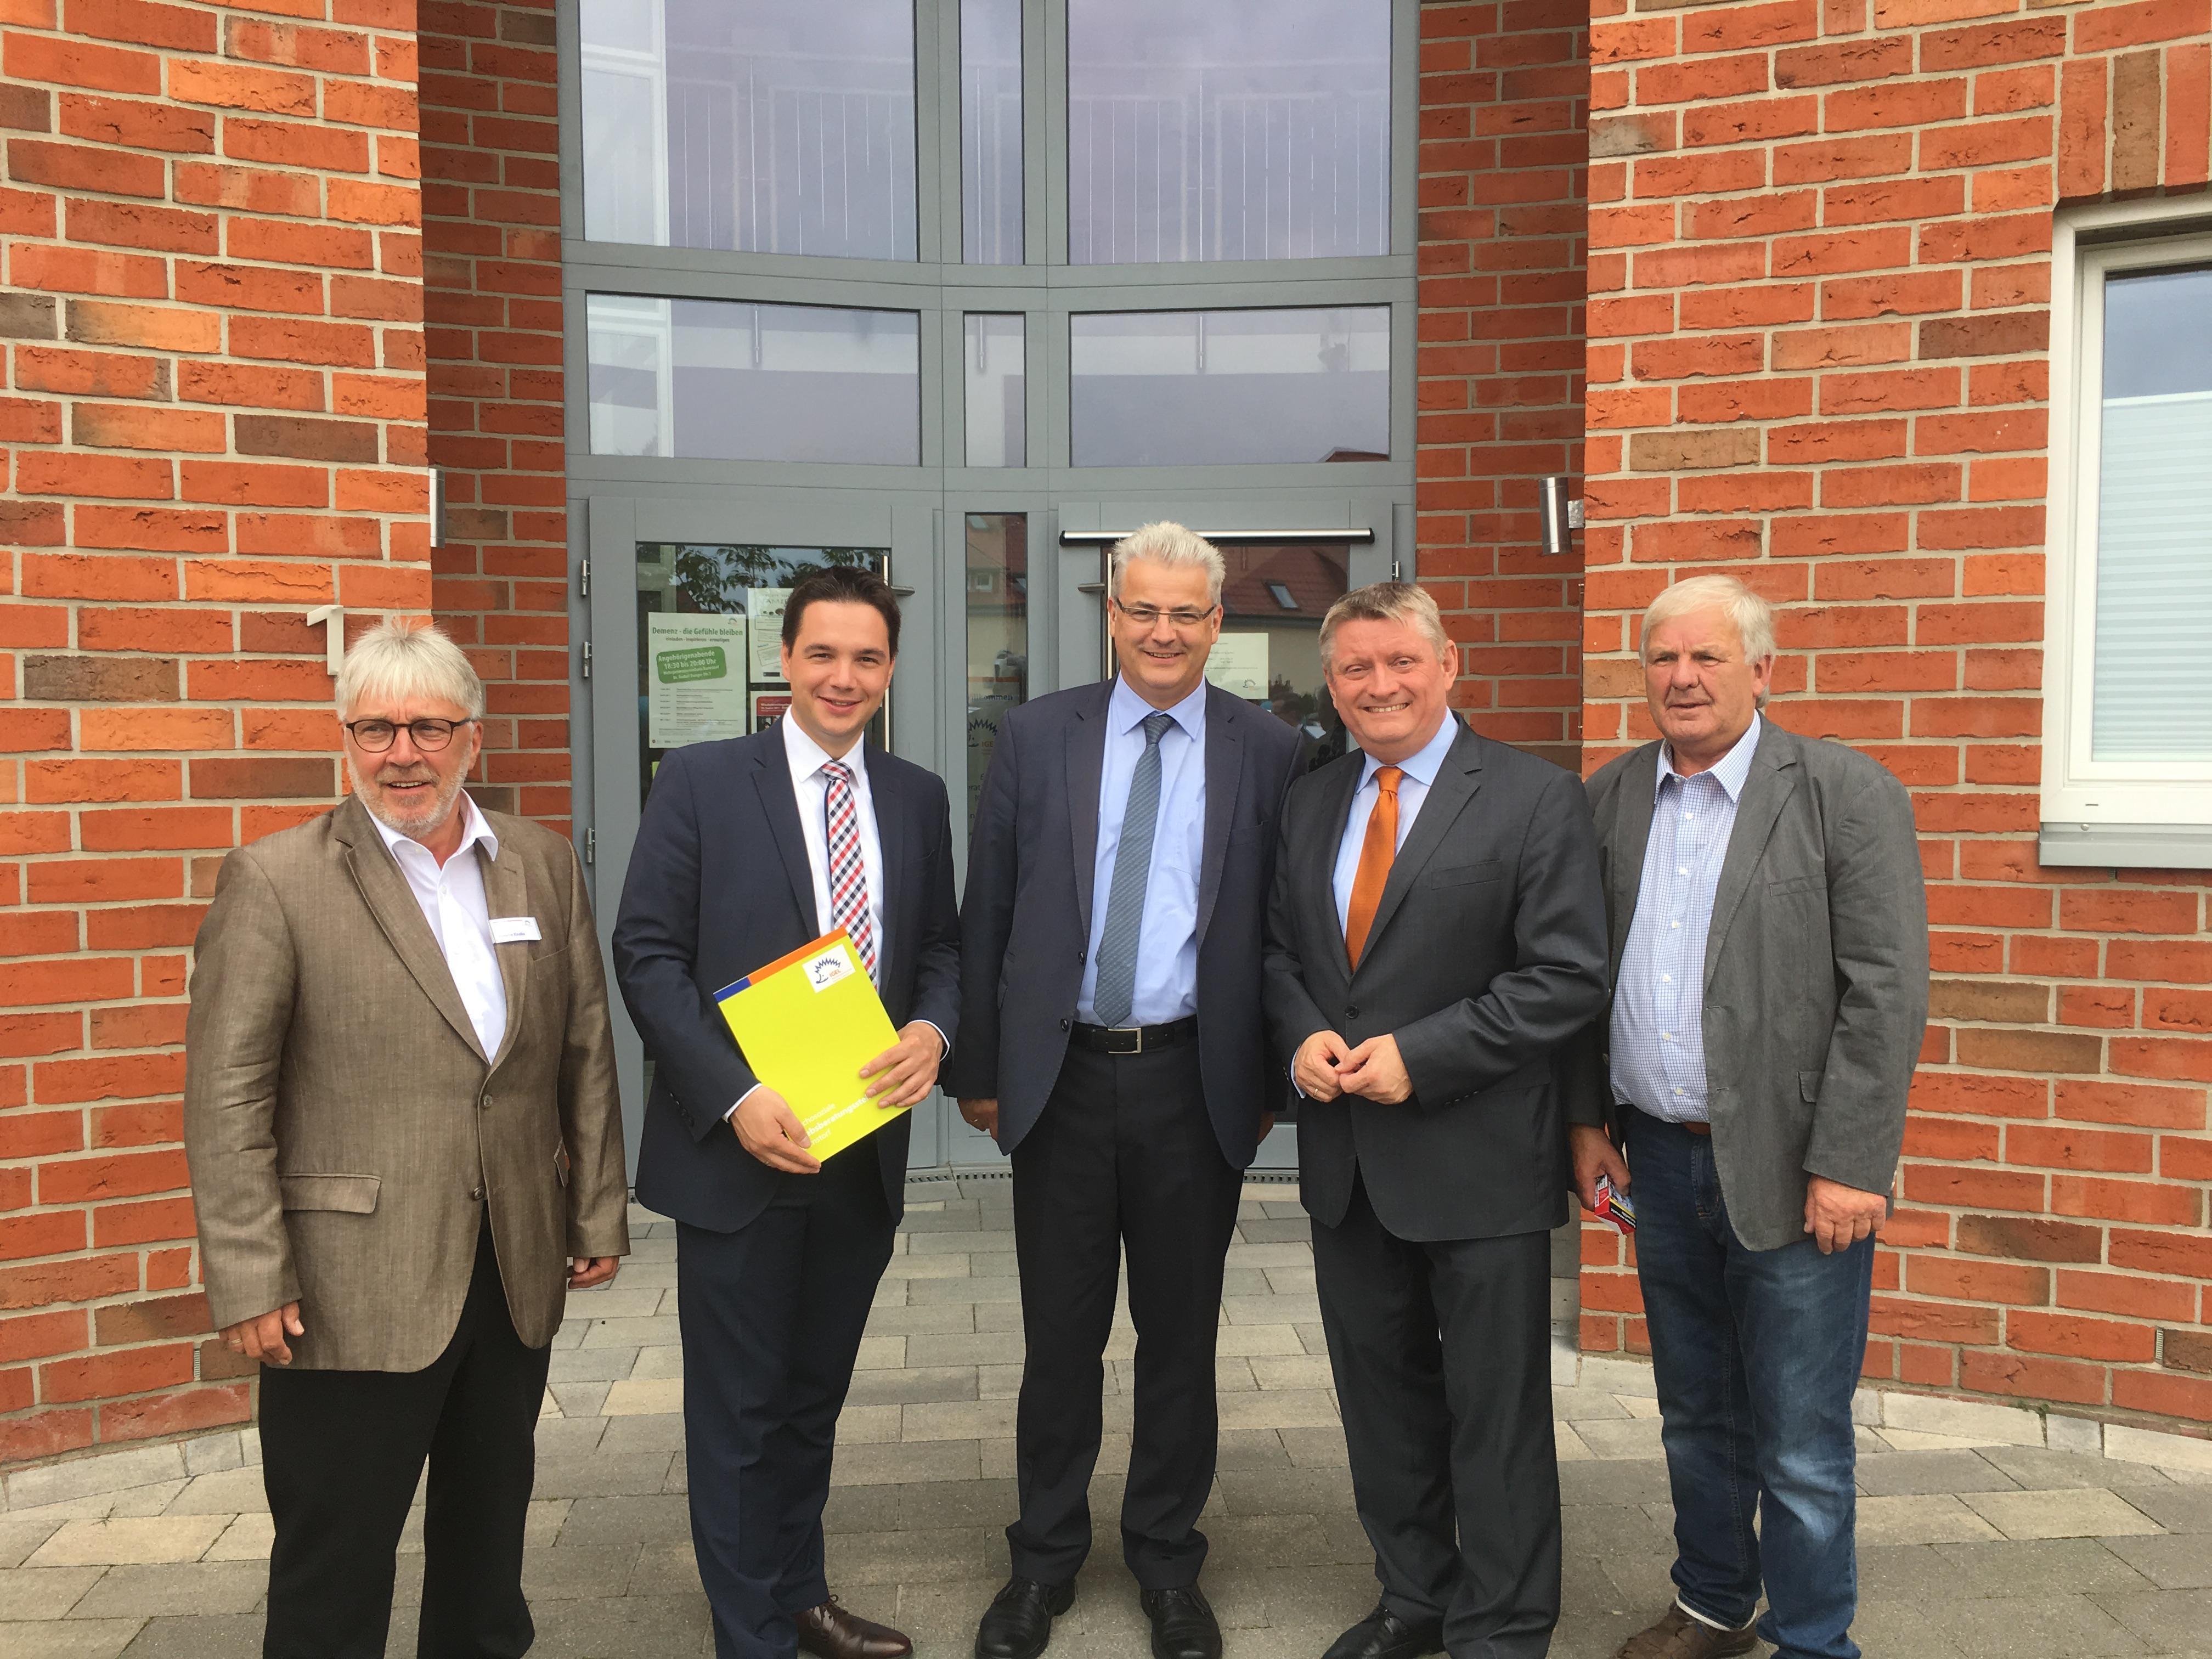 Außerdem auf dem Bild: IGEL- Vorsitzender Johann Knake, CDU-Landtagskandidat Marcel Scharrelmann und Kreistagsabgeordneter Theo Amelung (v.l.).